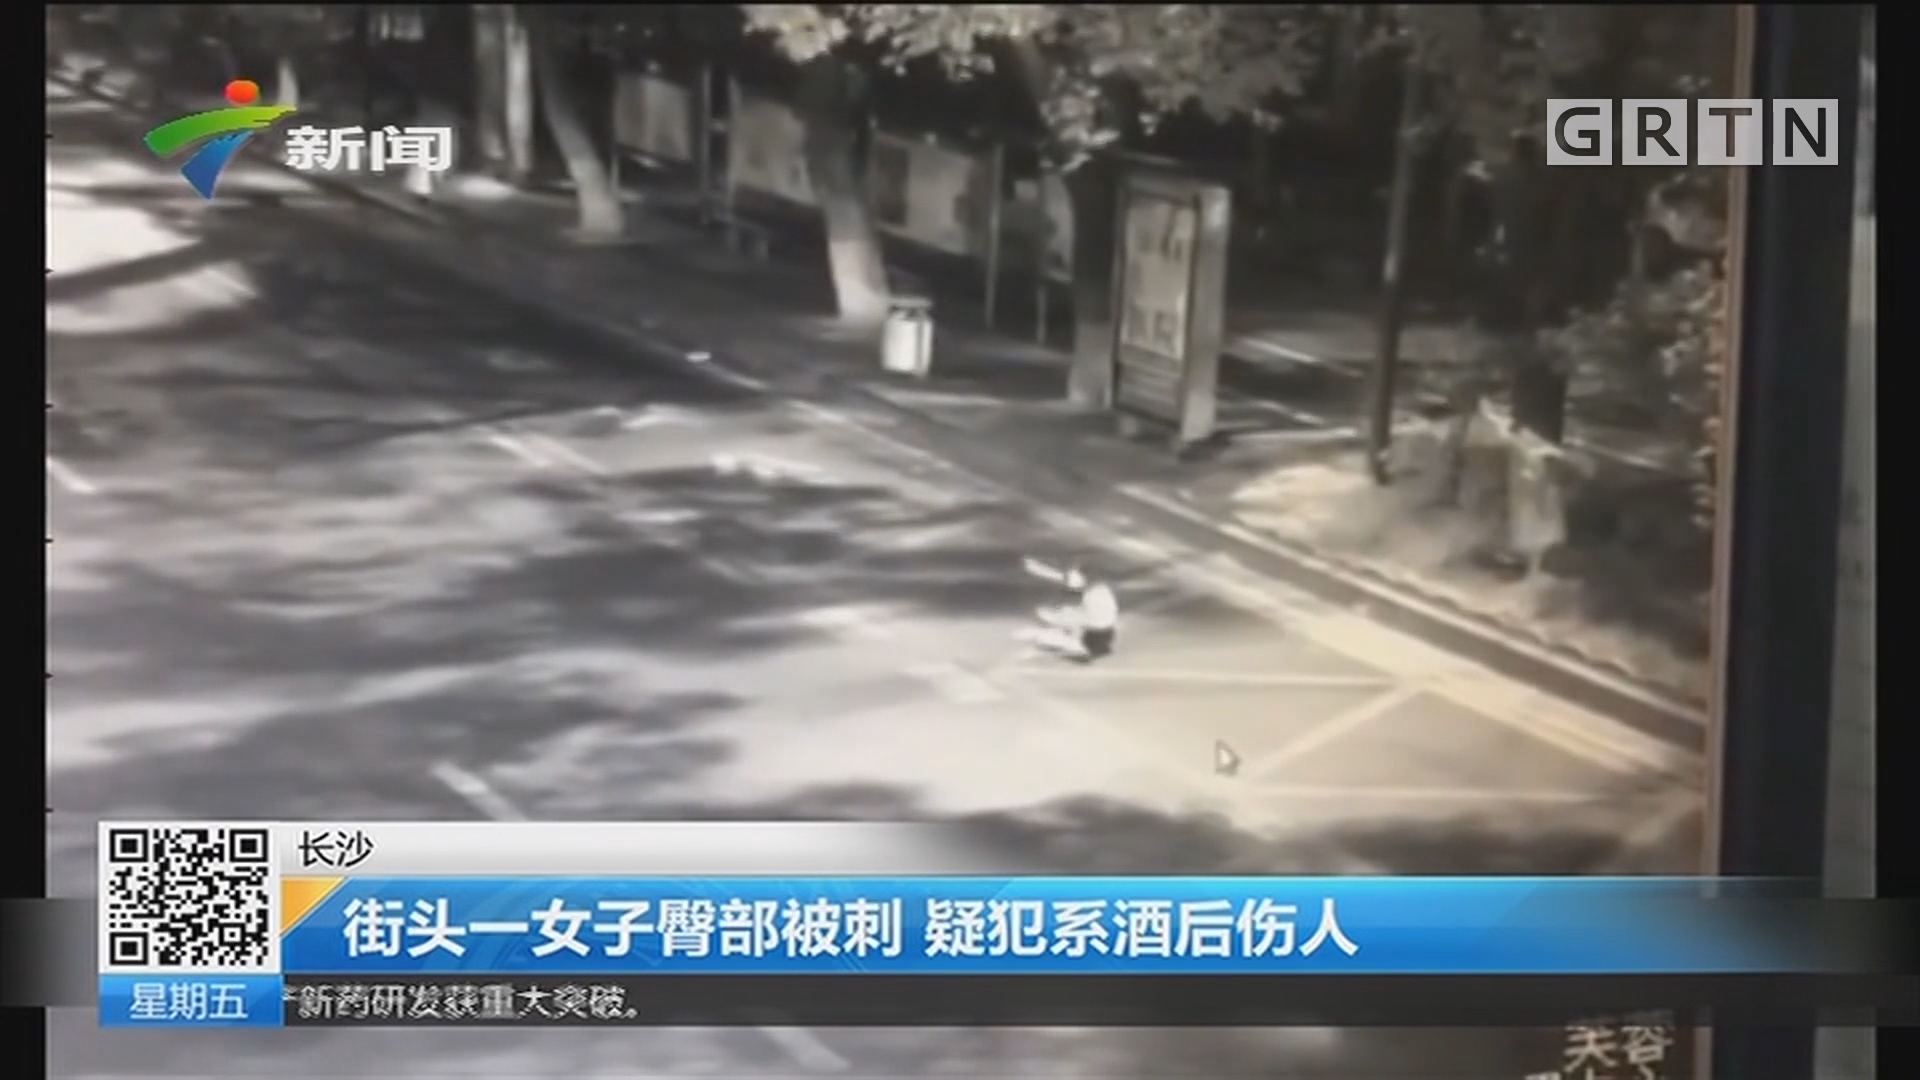 长沙:街头一女子臀部被刺 疑犯系酒后伤人